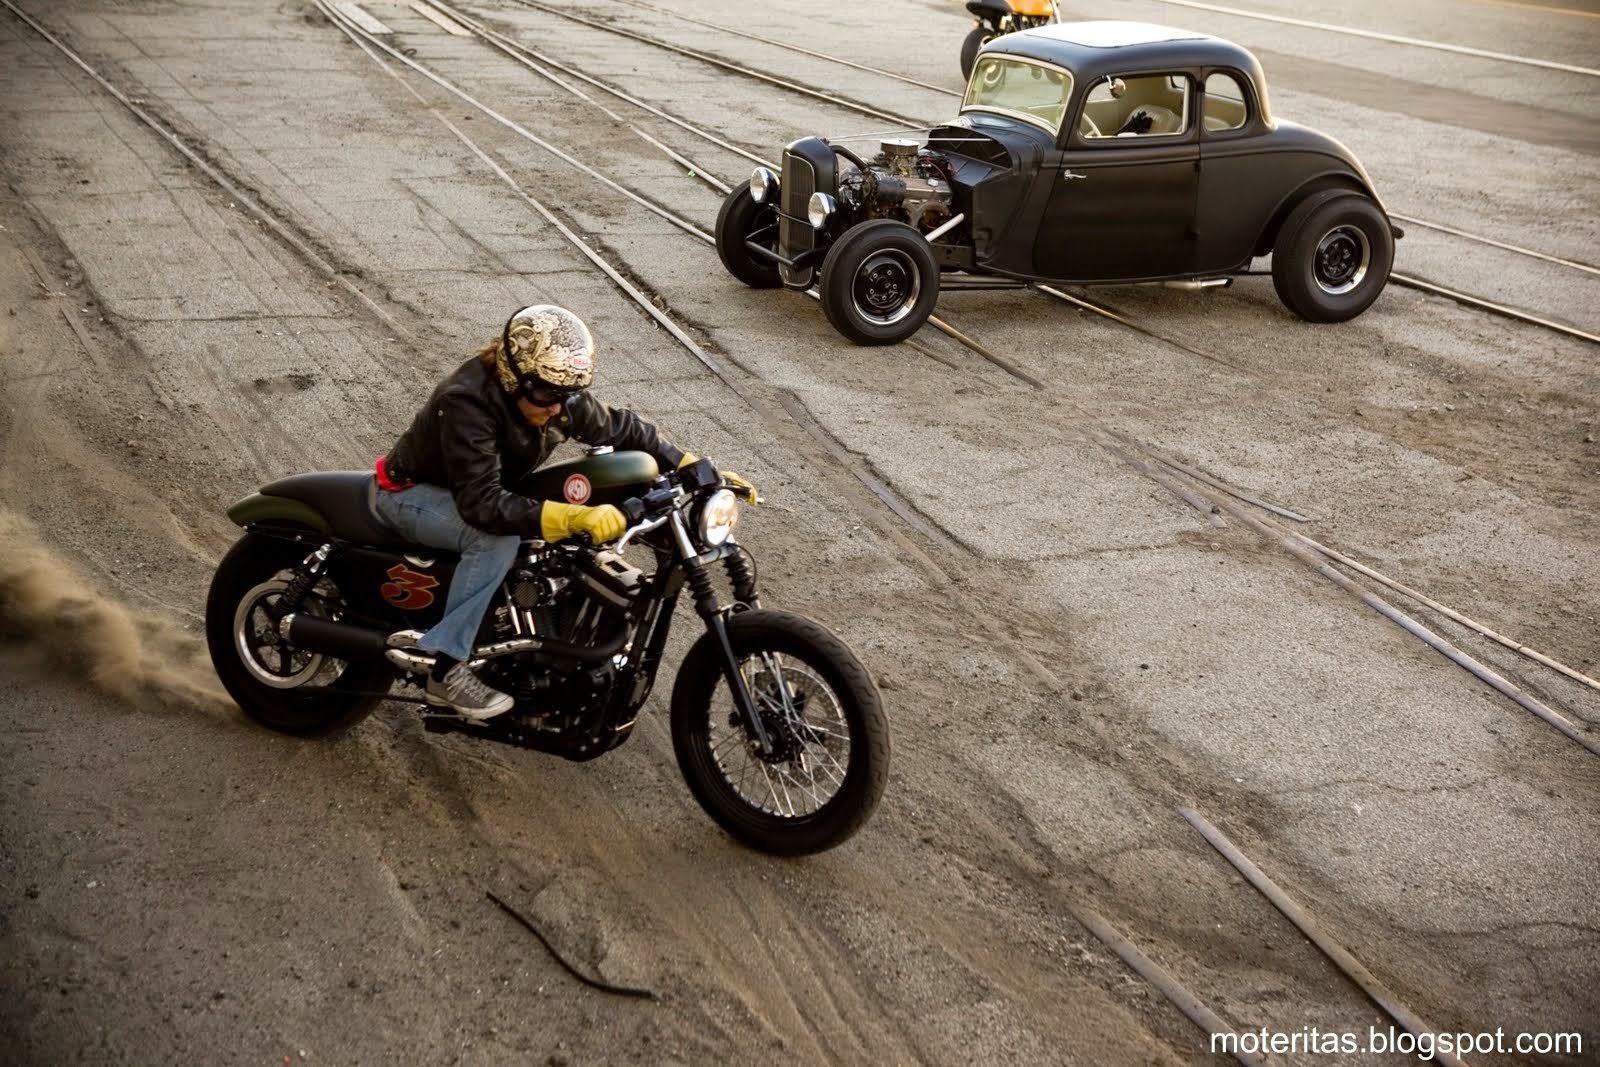 Bobber Cafe Racer Harley Davidson Hd Wallpaper 1080p: Motos Personalizadas Peru: Harley Davidson Y Las Chicas